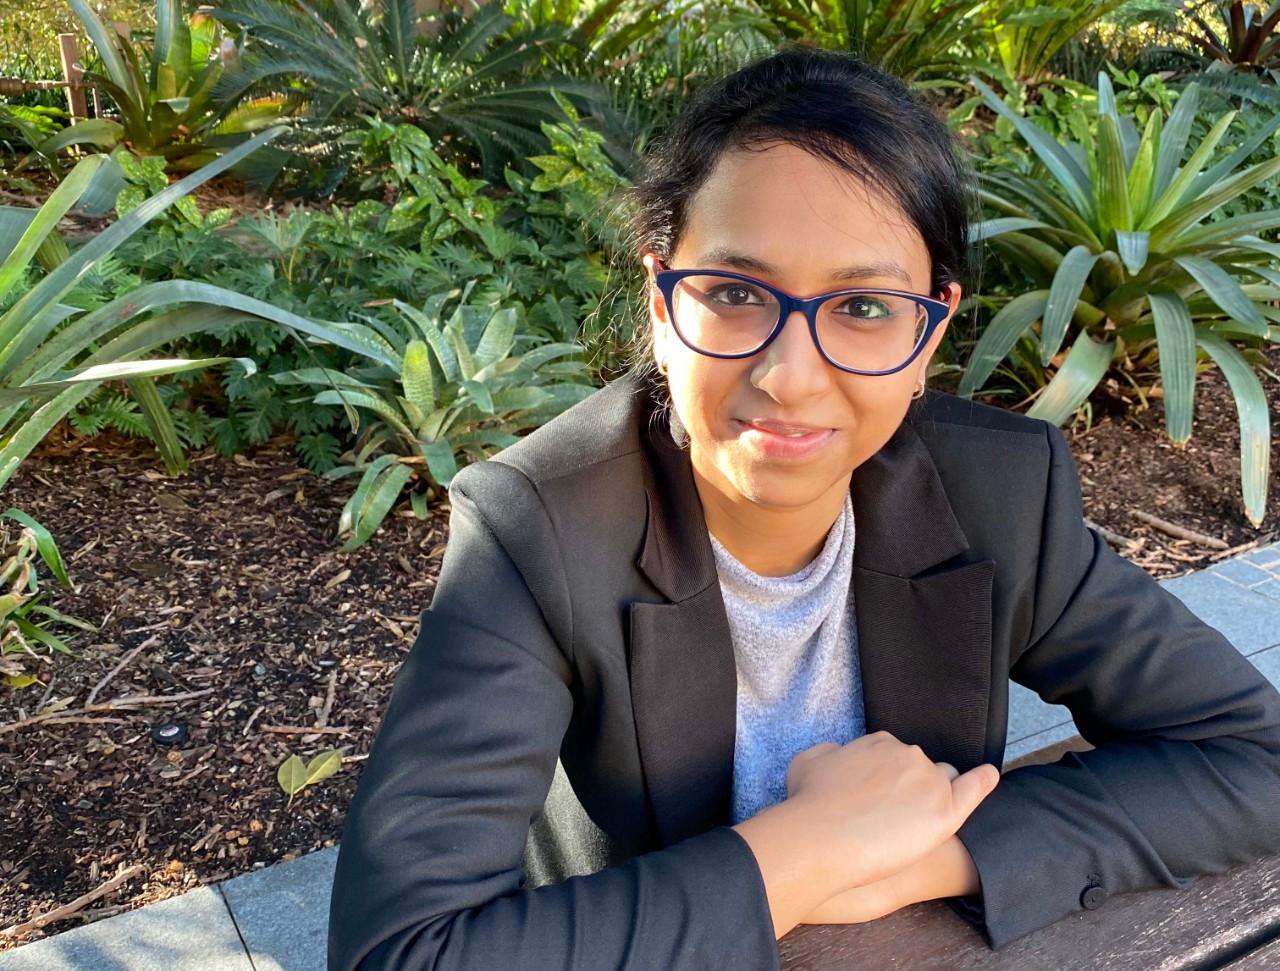 Shaili Patel Sydney Scholars India Scholarship recipient